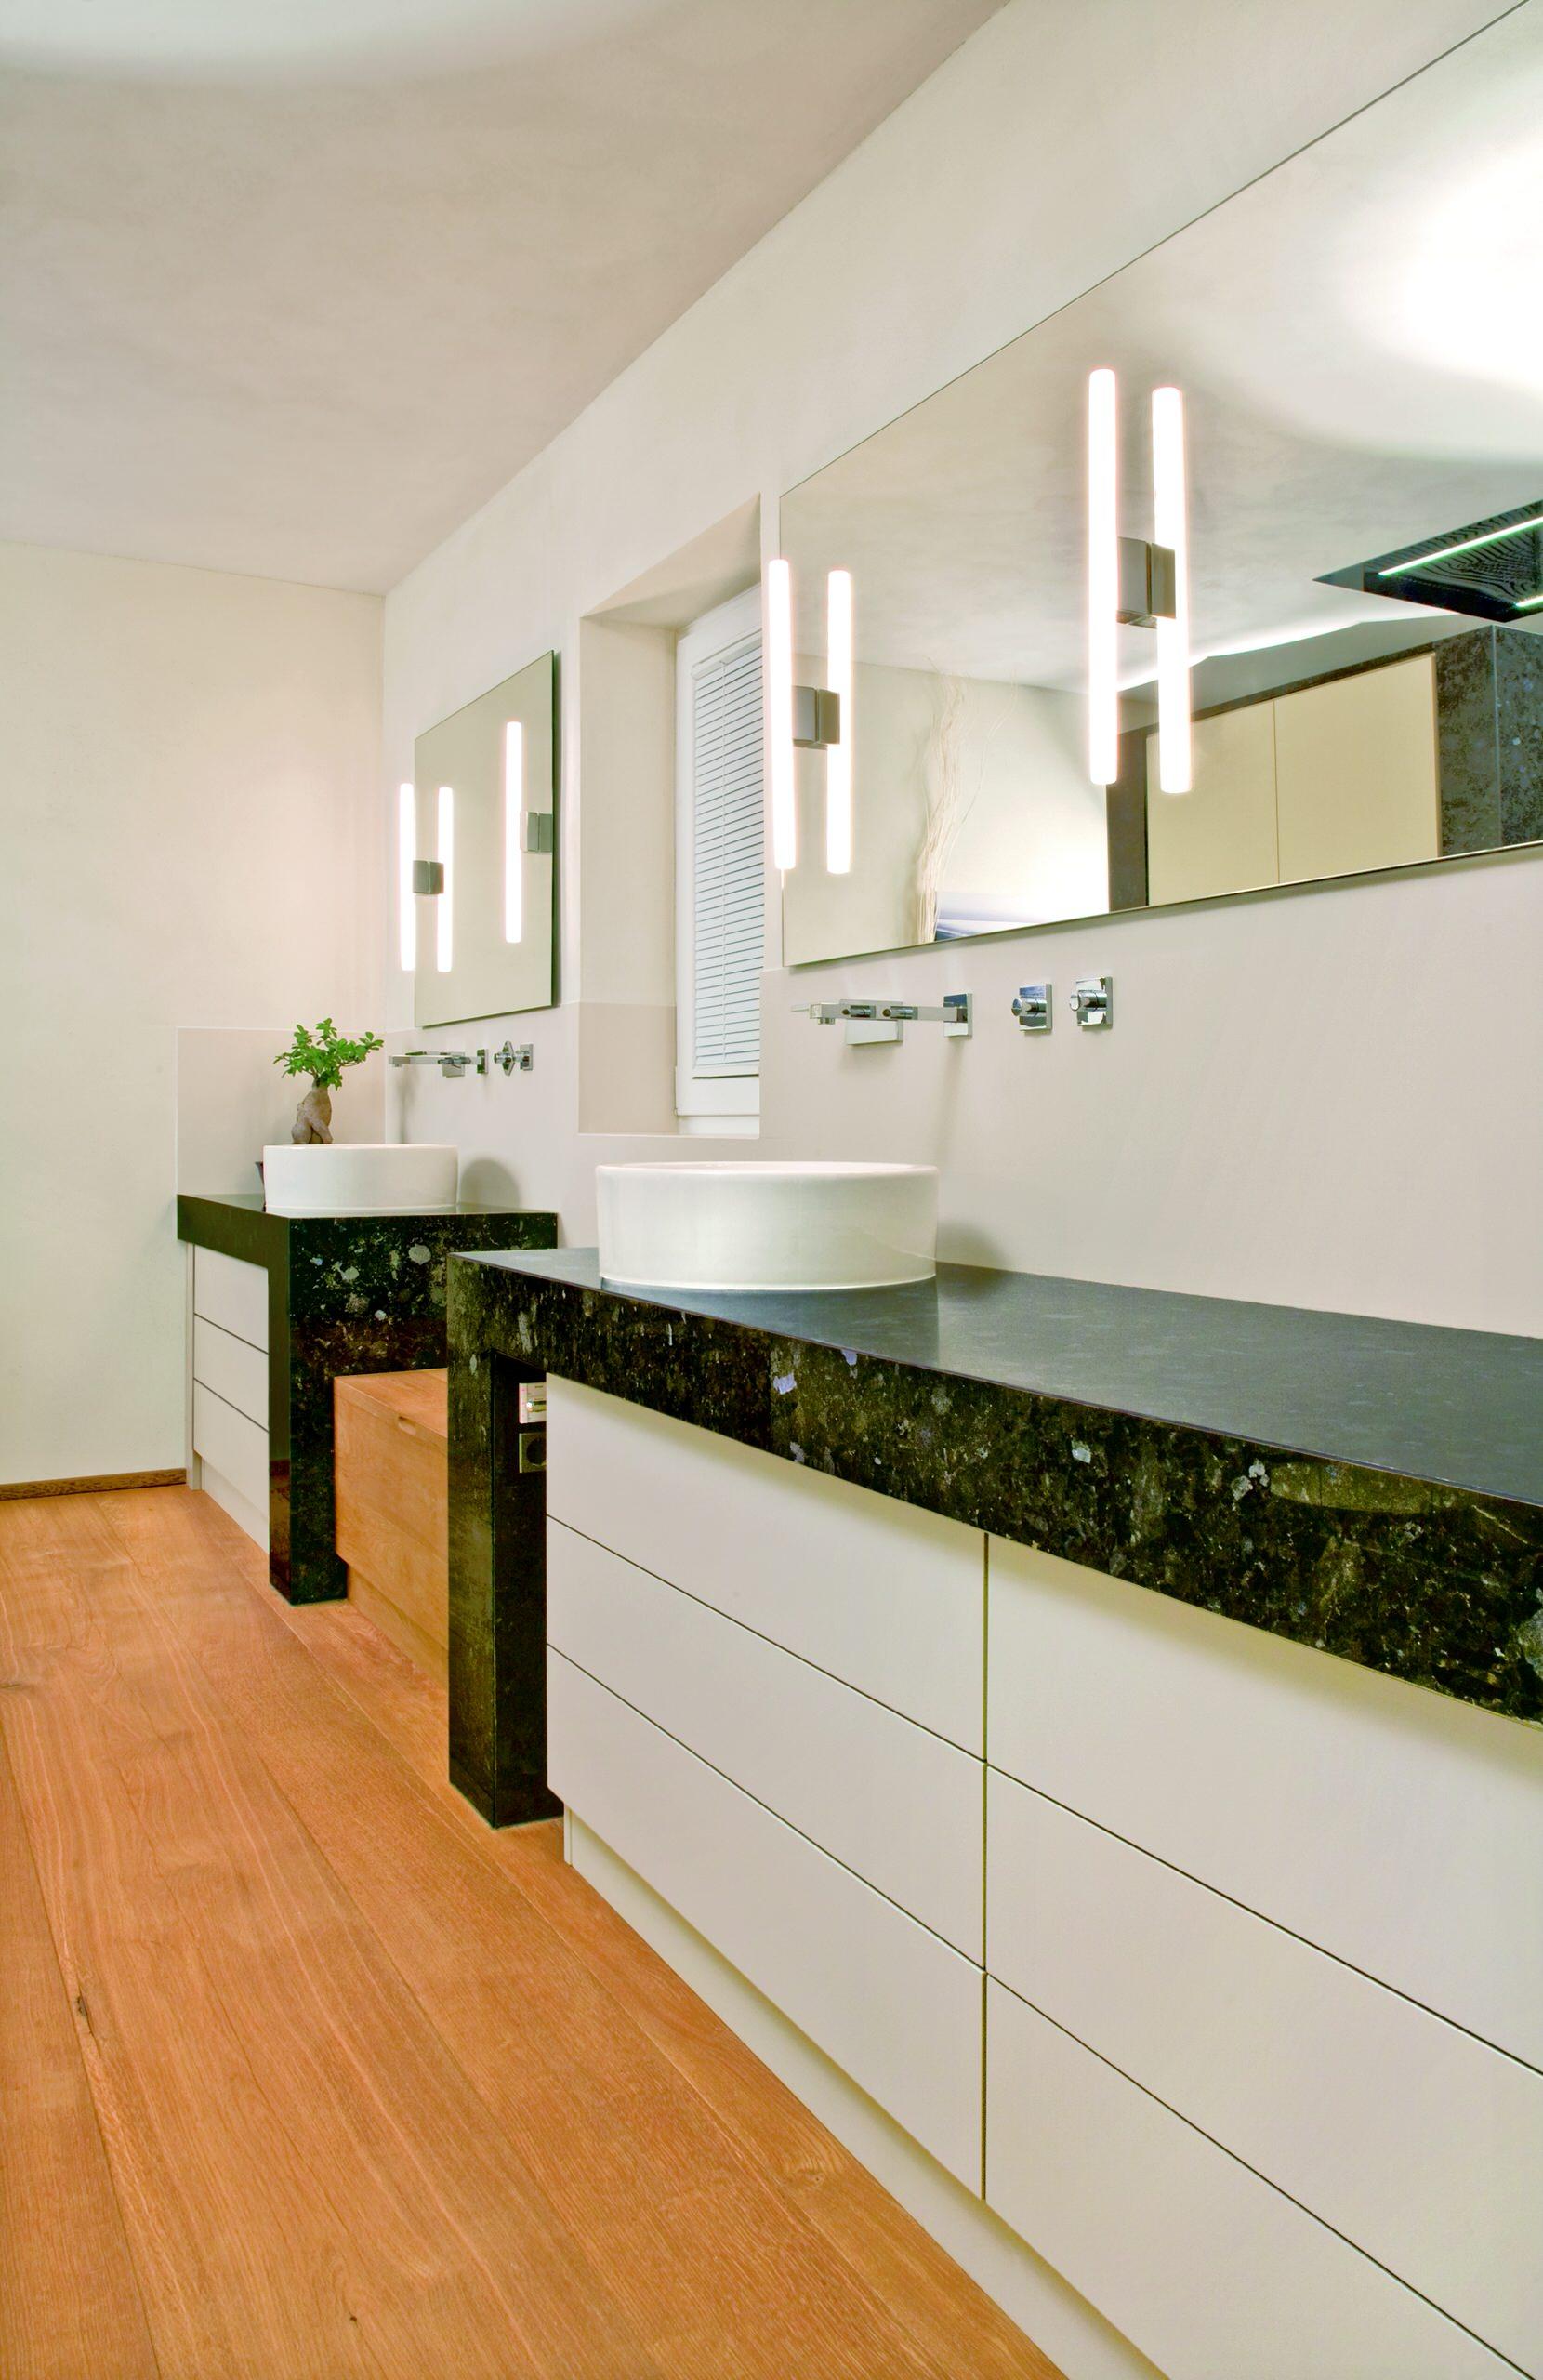 Badmöbel, Kombination aus Granit, Holz und Lack